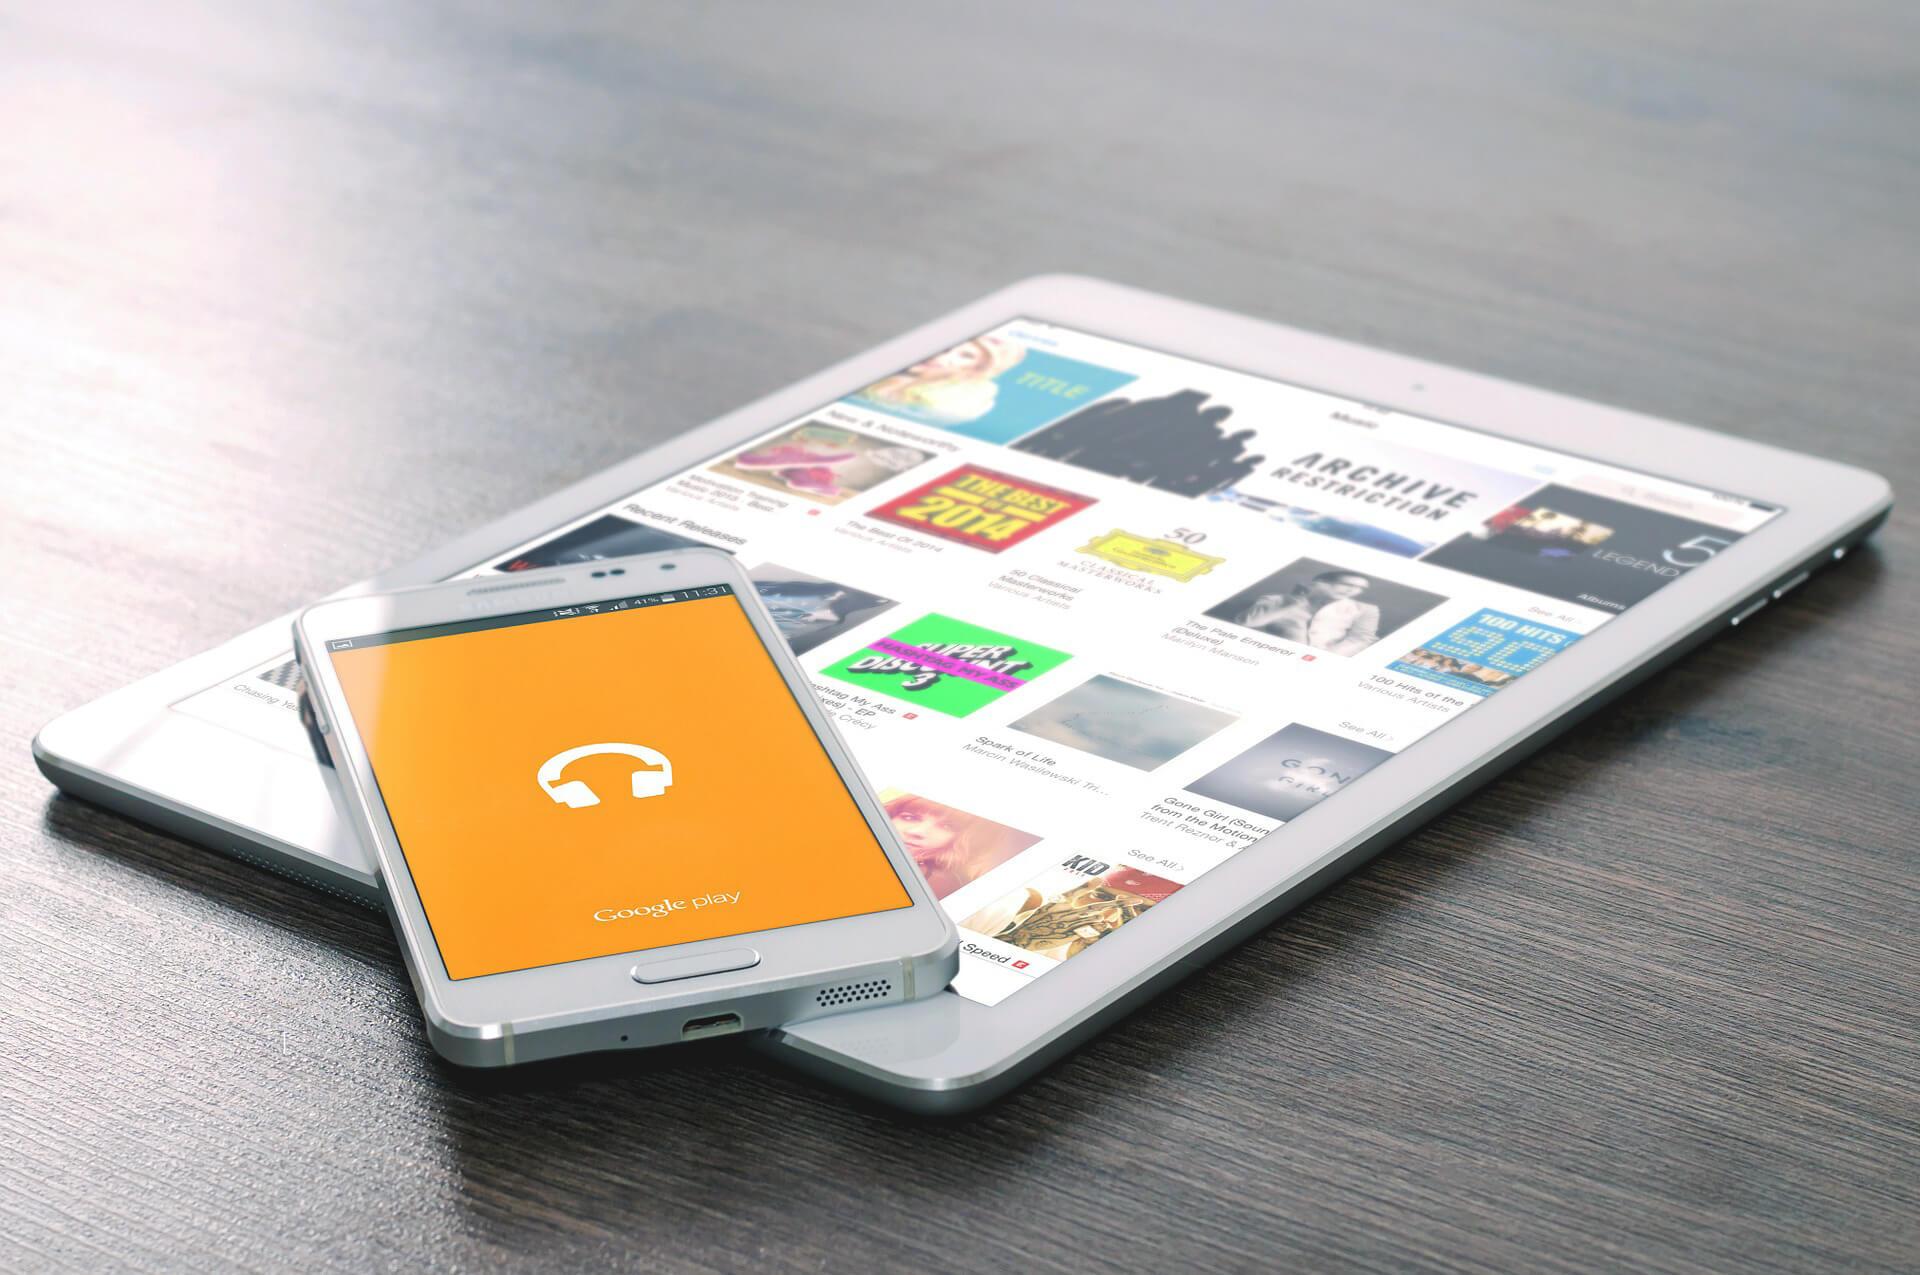 Smartphone Tablet Tisch Bücher